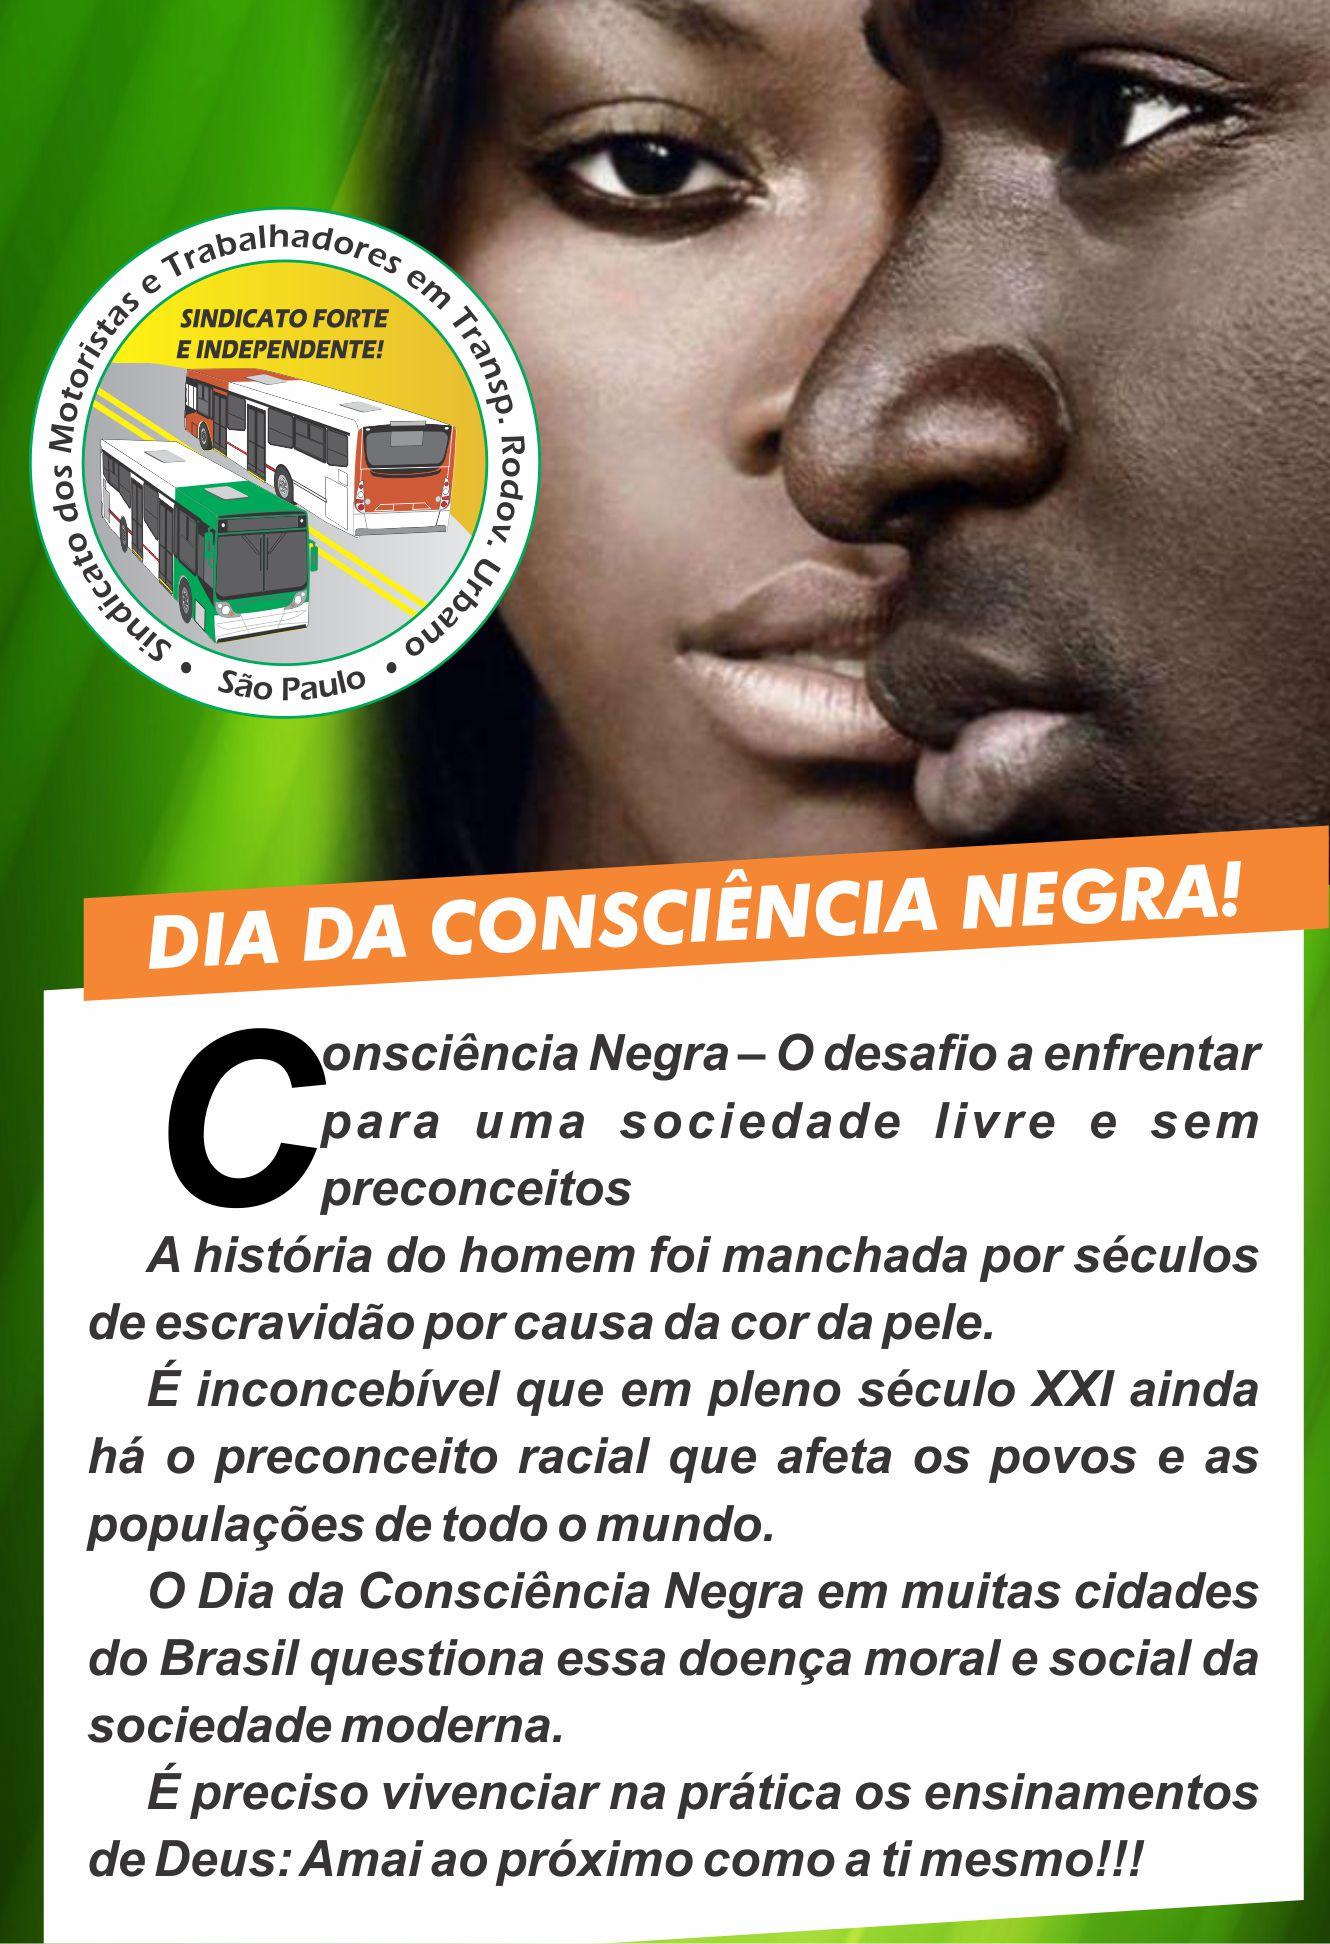 consciencia_negra_condutores.jpg